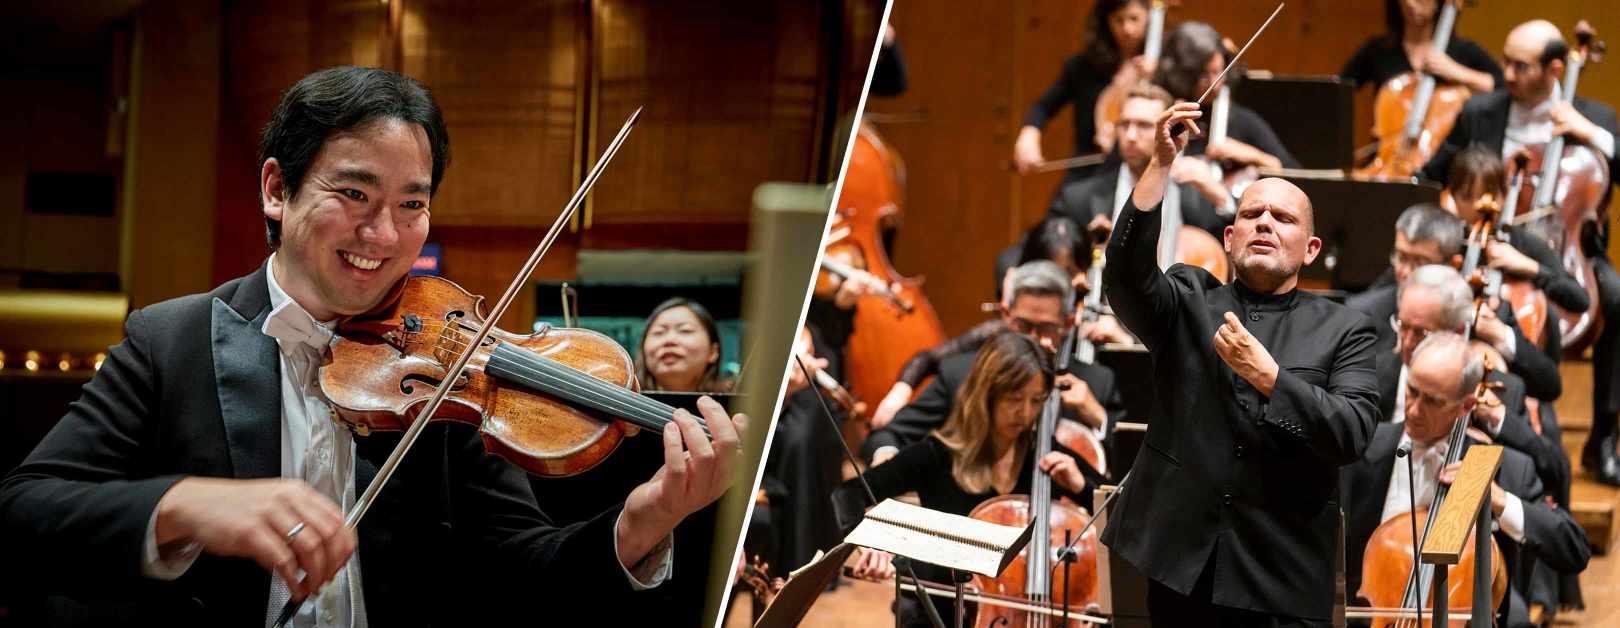 Sibelius Violin Concerto and Symphonie fantastique in Oklahoma